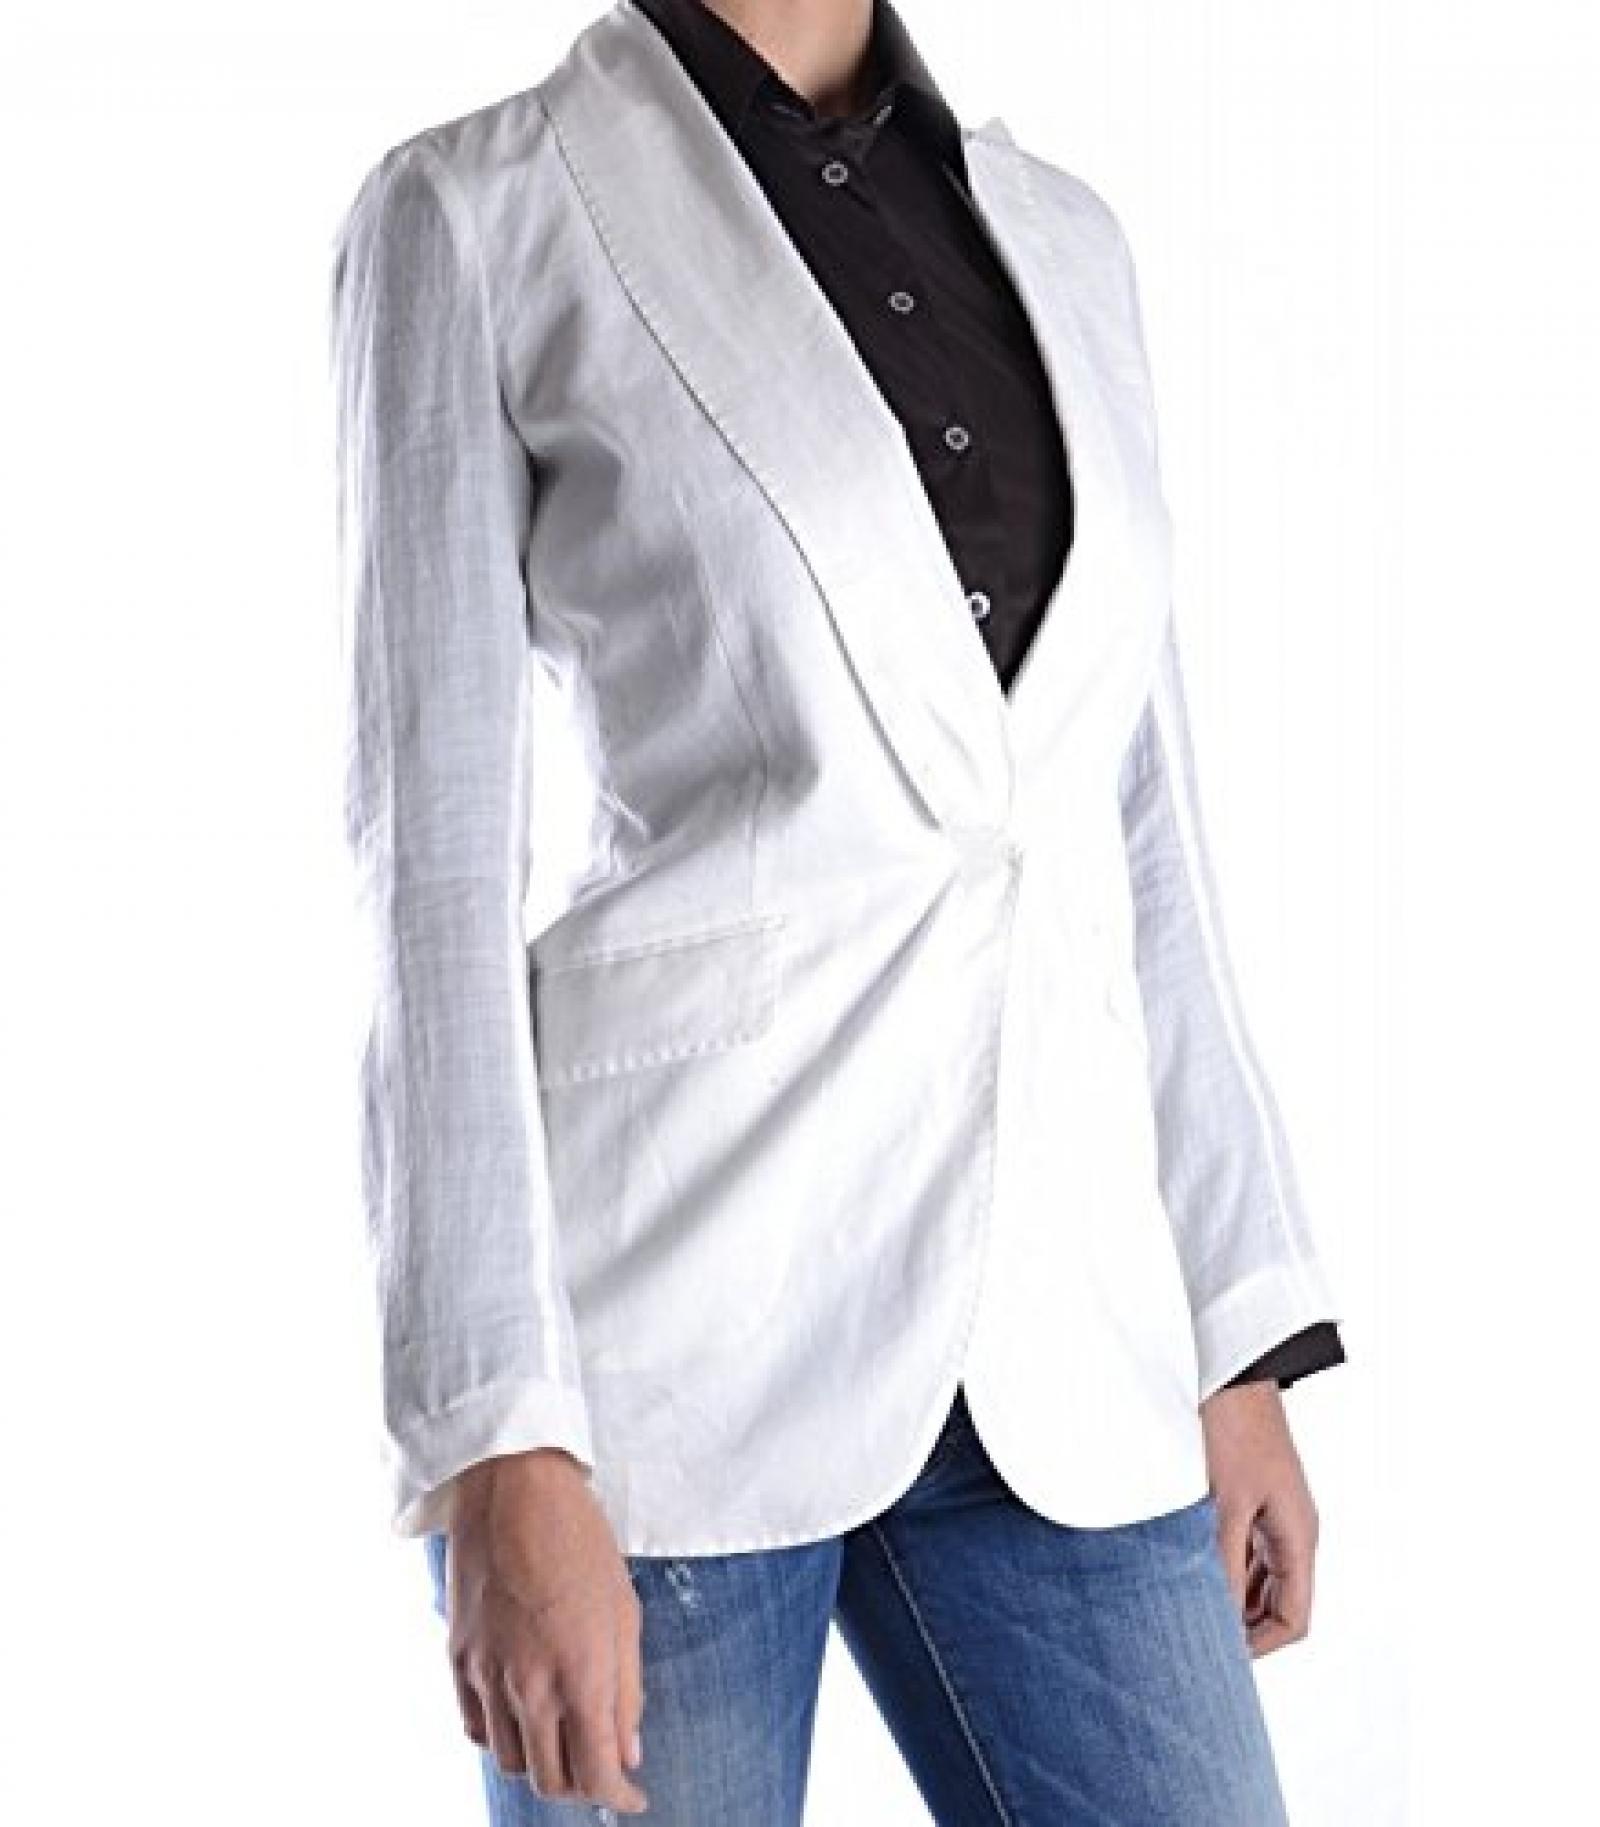 Brunello cucinelli jacket gm863 44 white